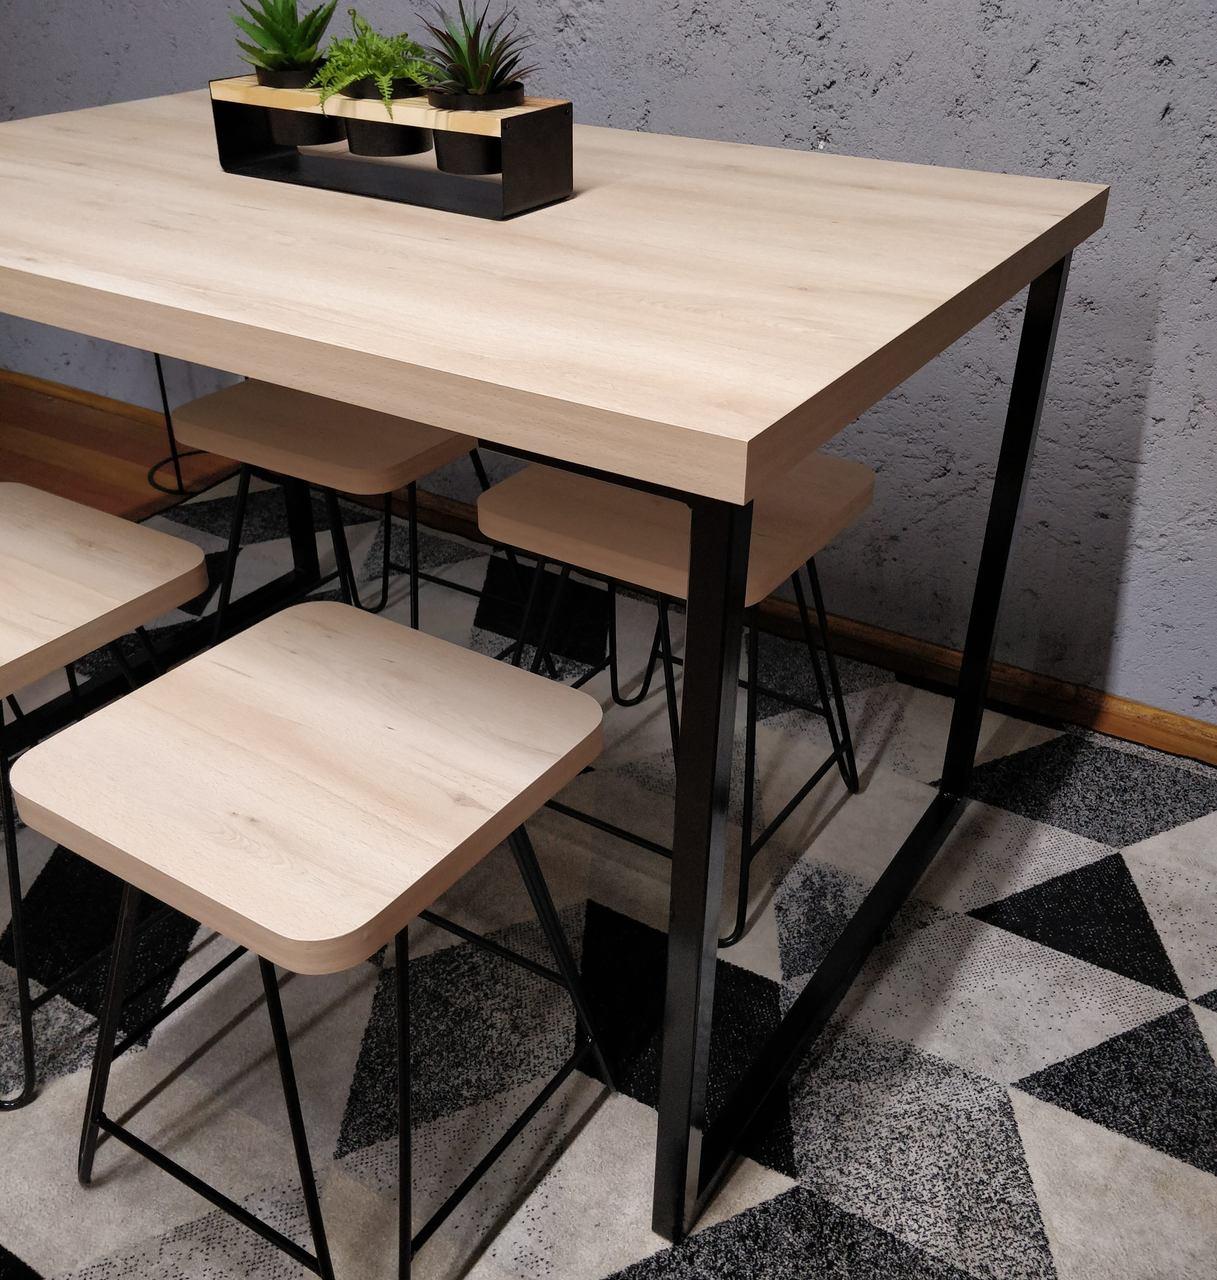 Mesa de Jantar com 4 Banquinhos Faia com Squared Legs e Tampo 100% MDF  - Mtne Store